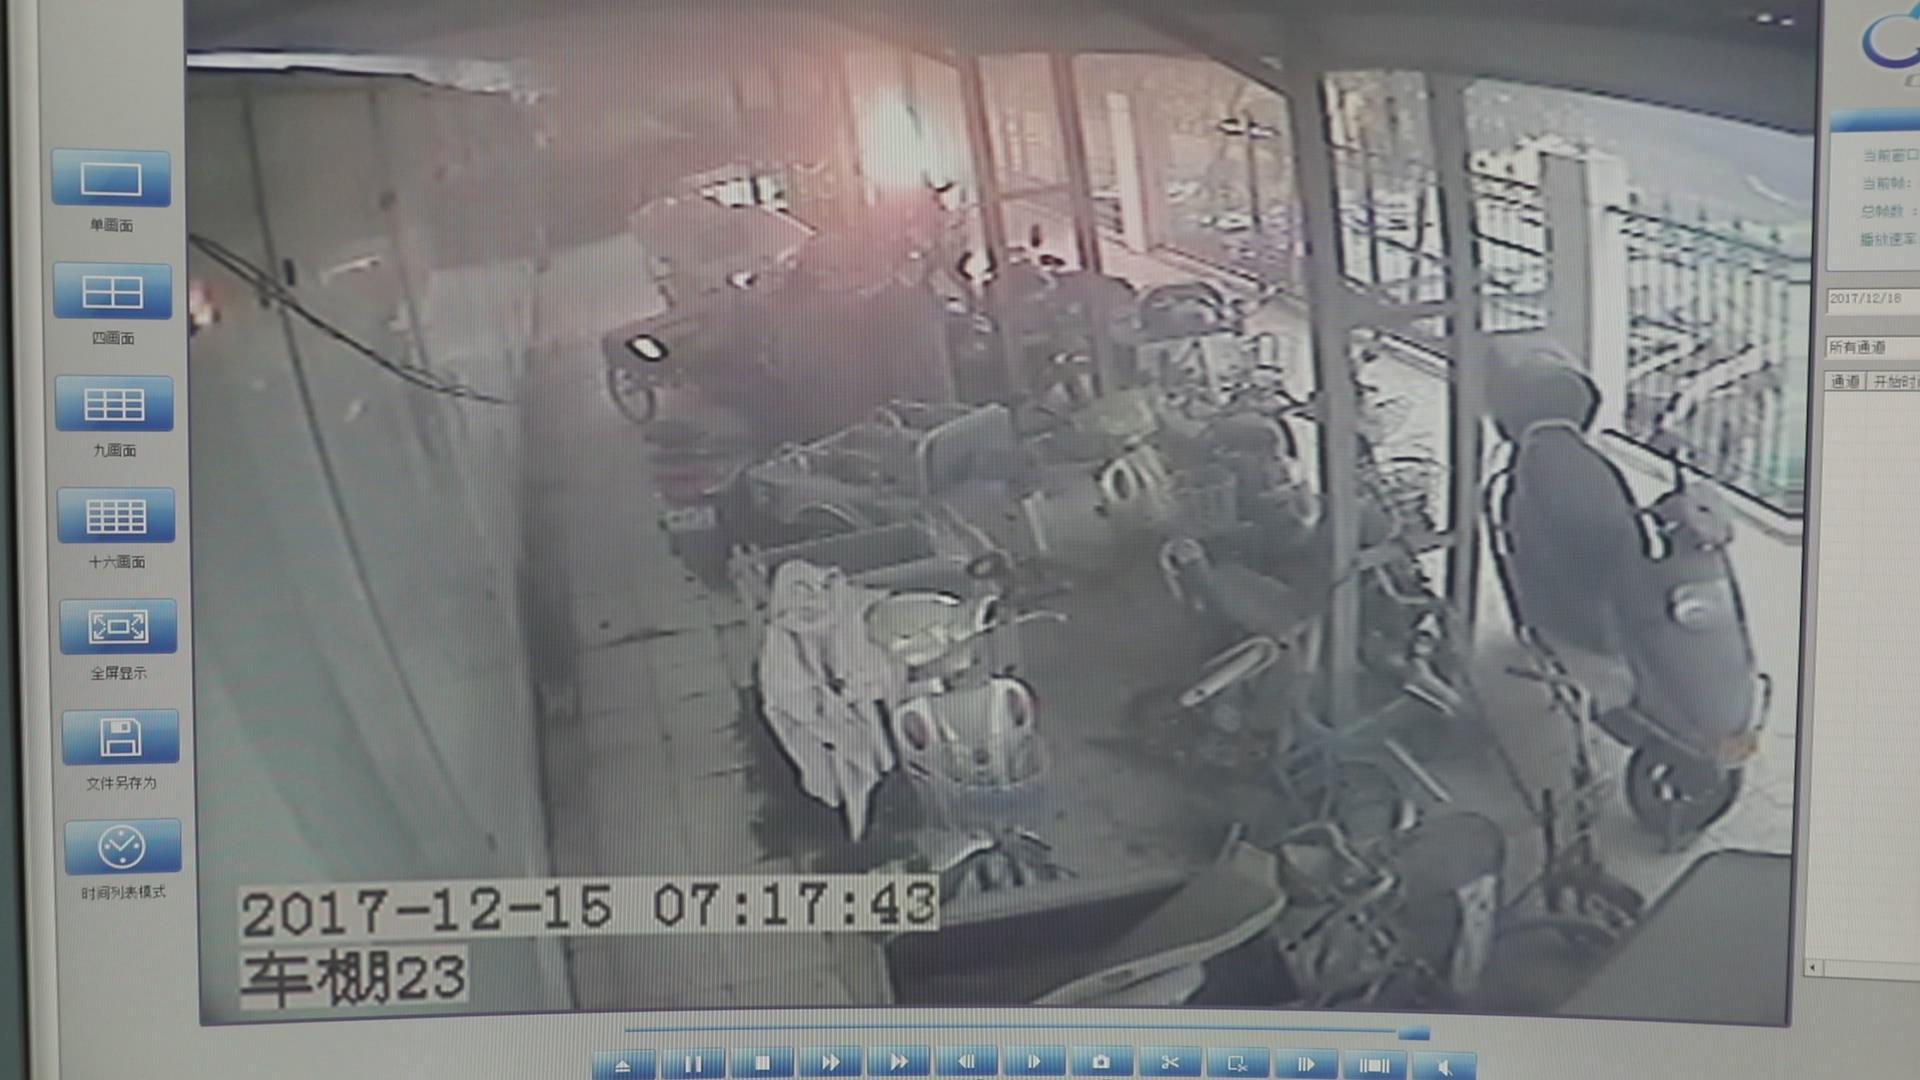 菏泽一小区电动车夜间充电起火 火烧连营波及4辆车